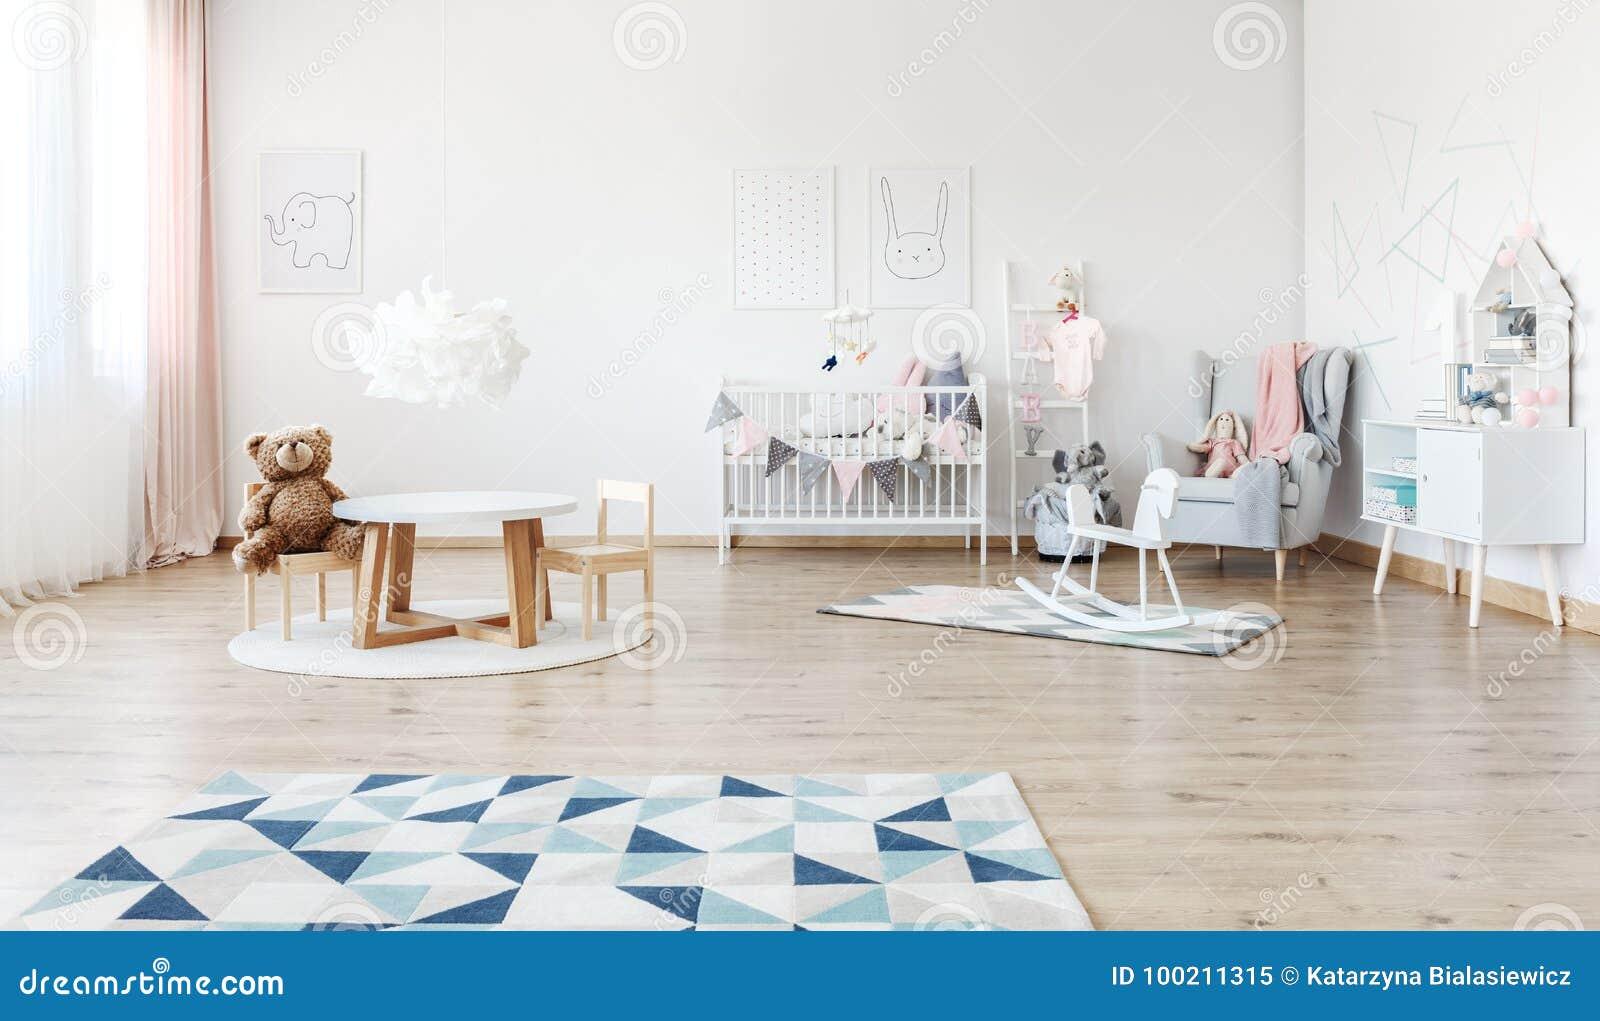 Cavallo A Dondolo Design.Stanza Del S Del Bambino Con Il Cavallo A Dondolo Immagine Stock